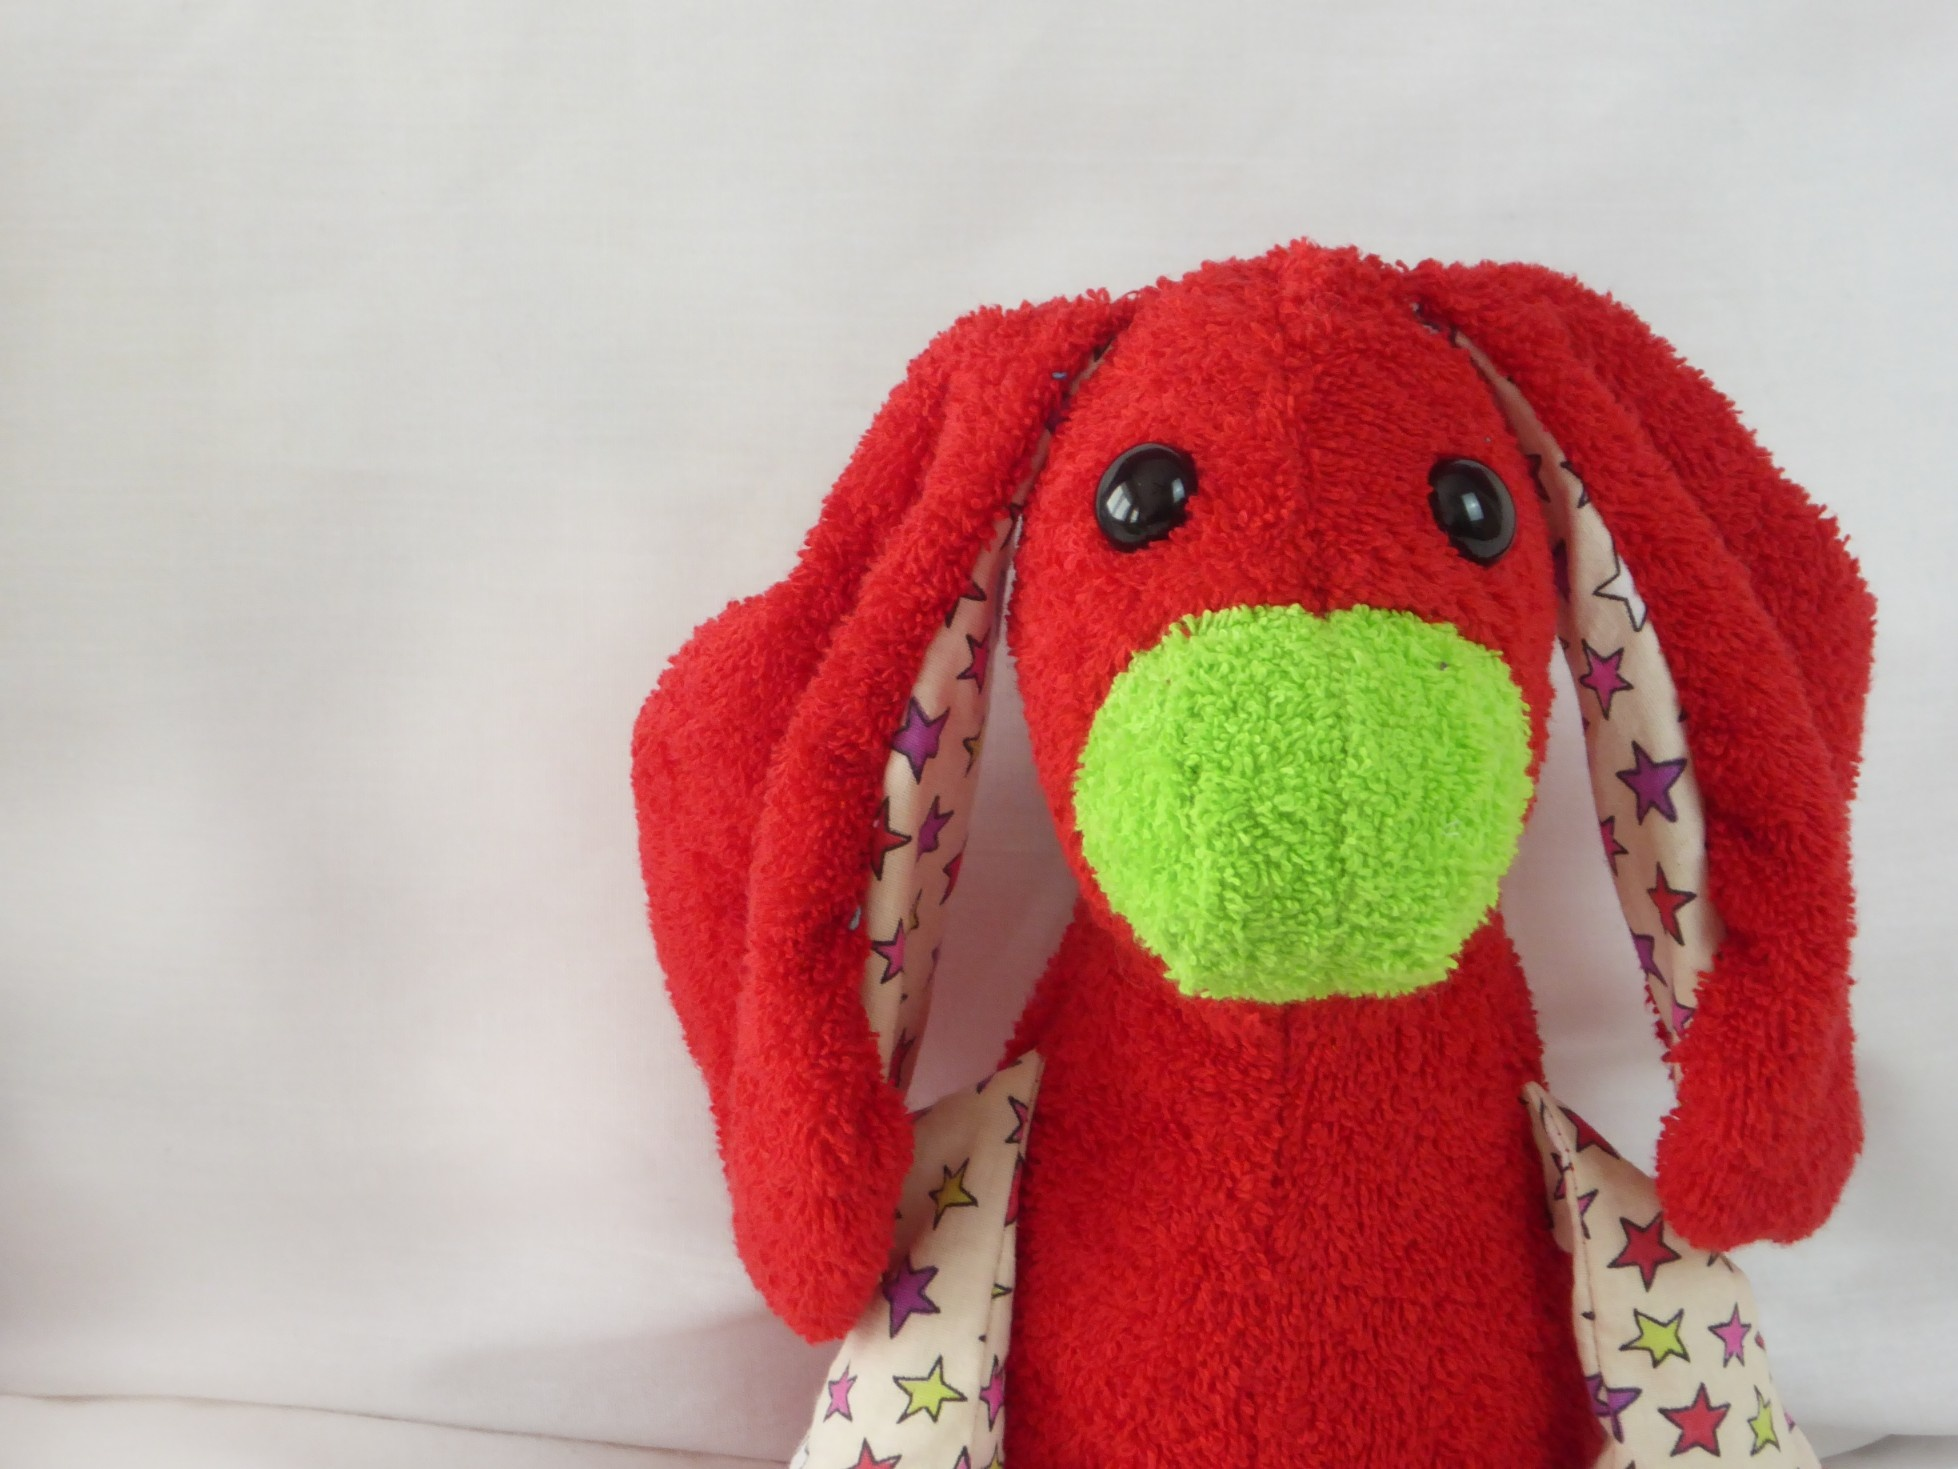 De Kroelioos Tutter Roez-je, de kleine rode  Kroelio met grote oren